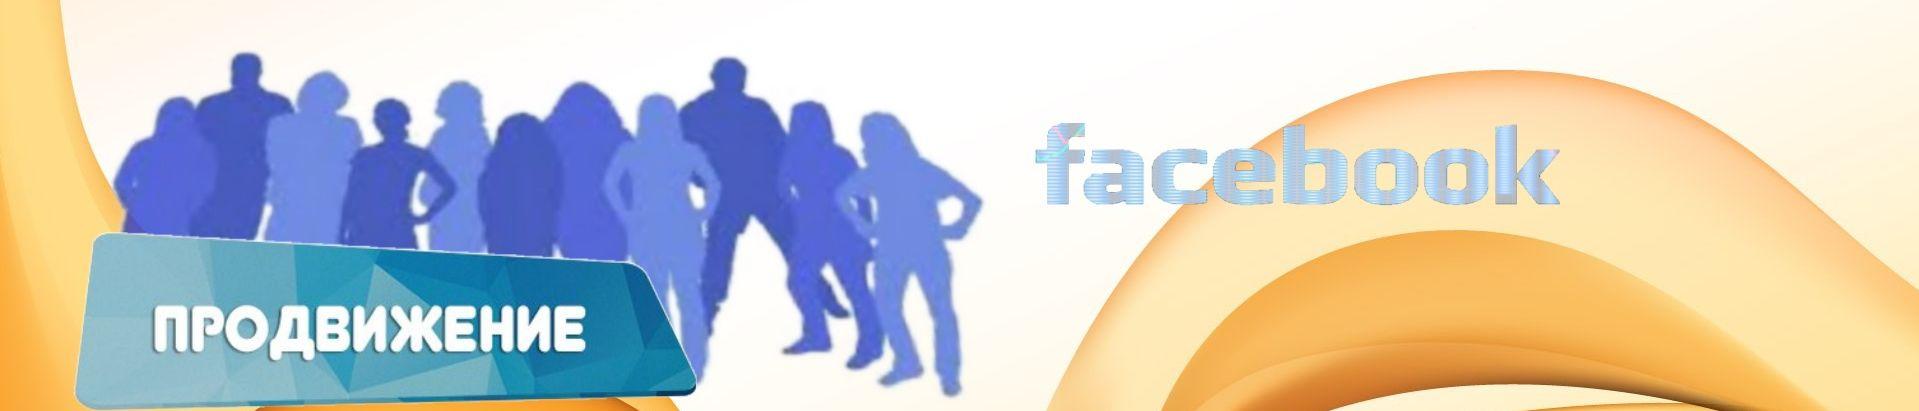 Продвижение через Фейсбук